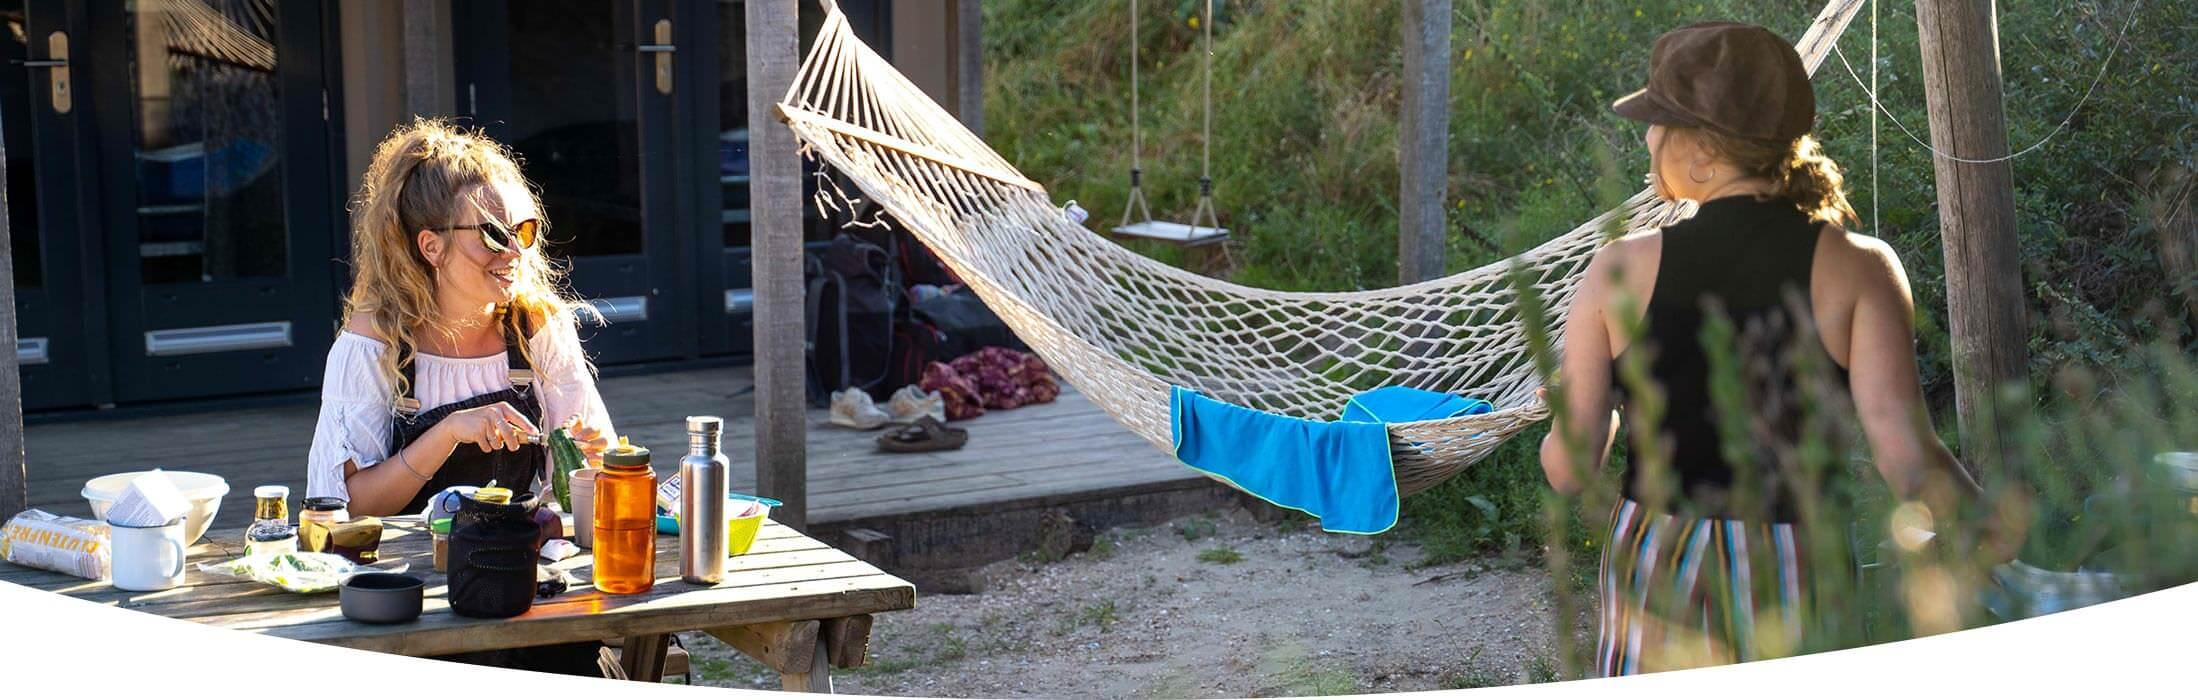 Hamacas para campings y hoteles